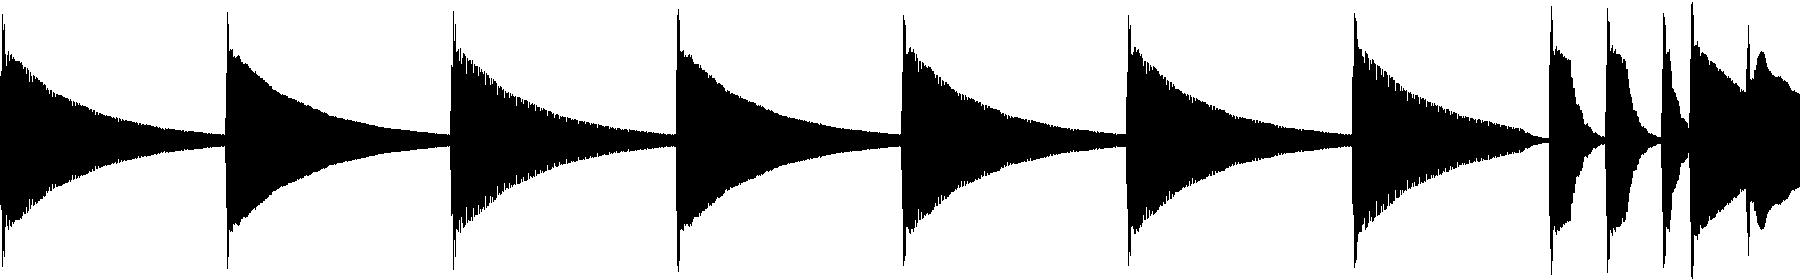 low sub pattern 02